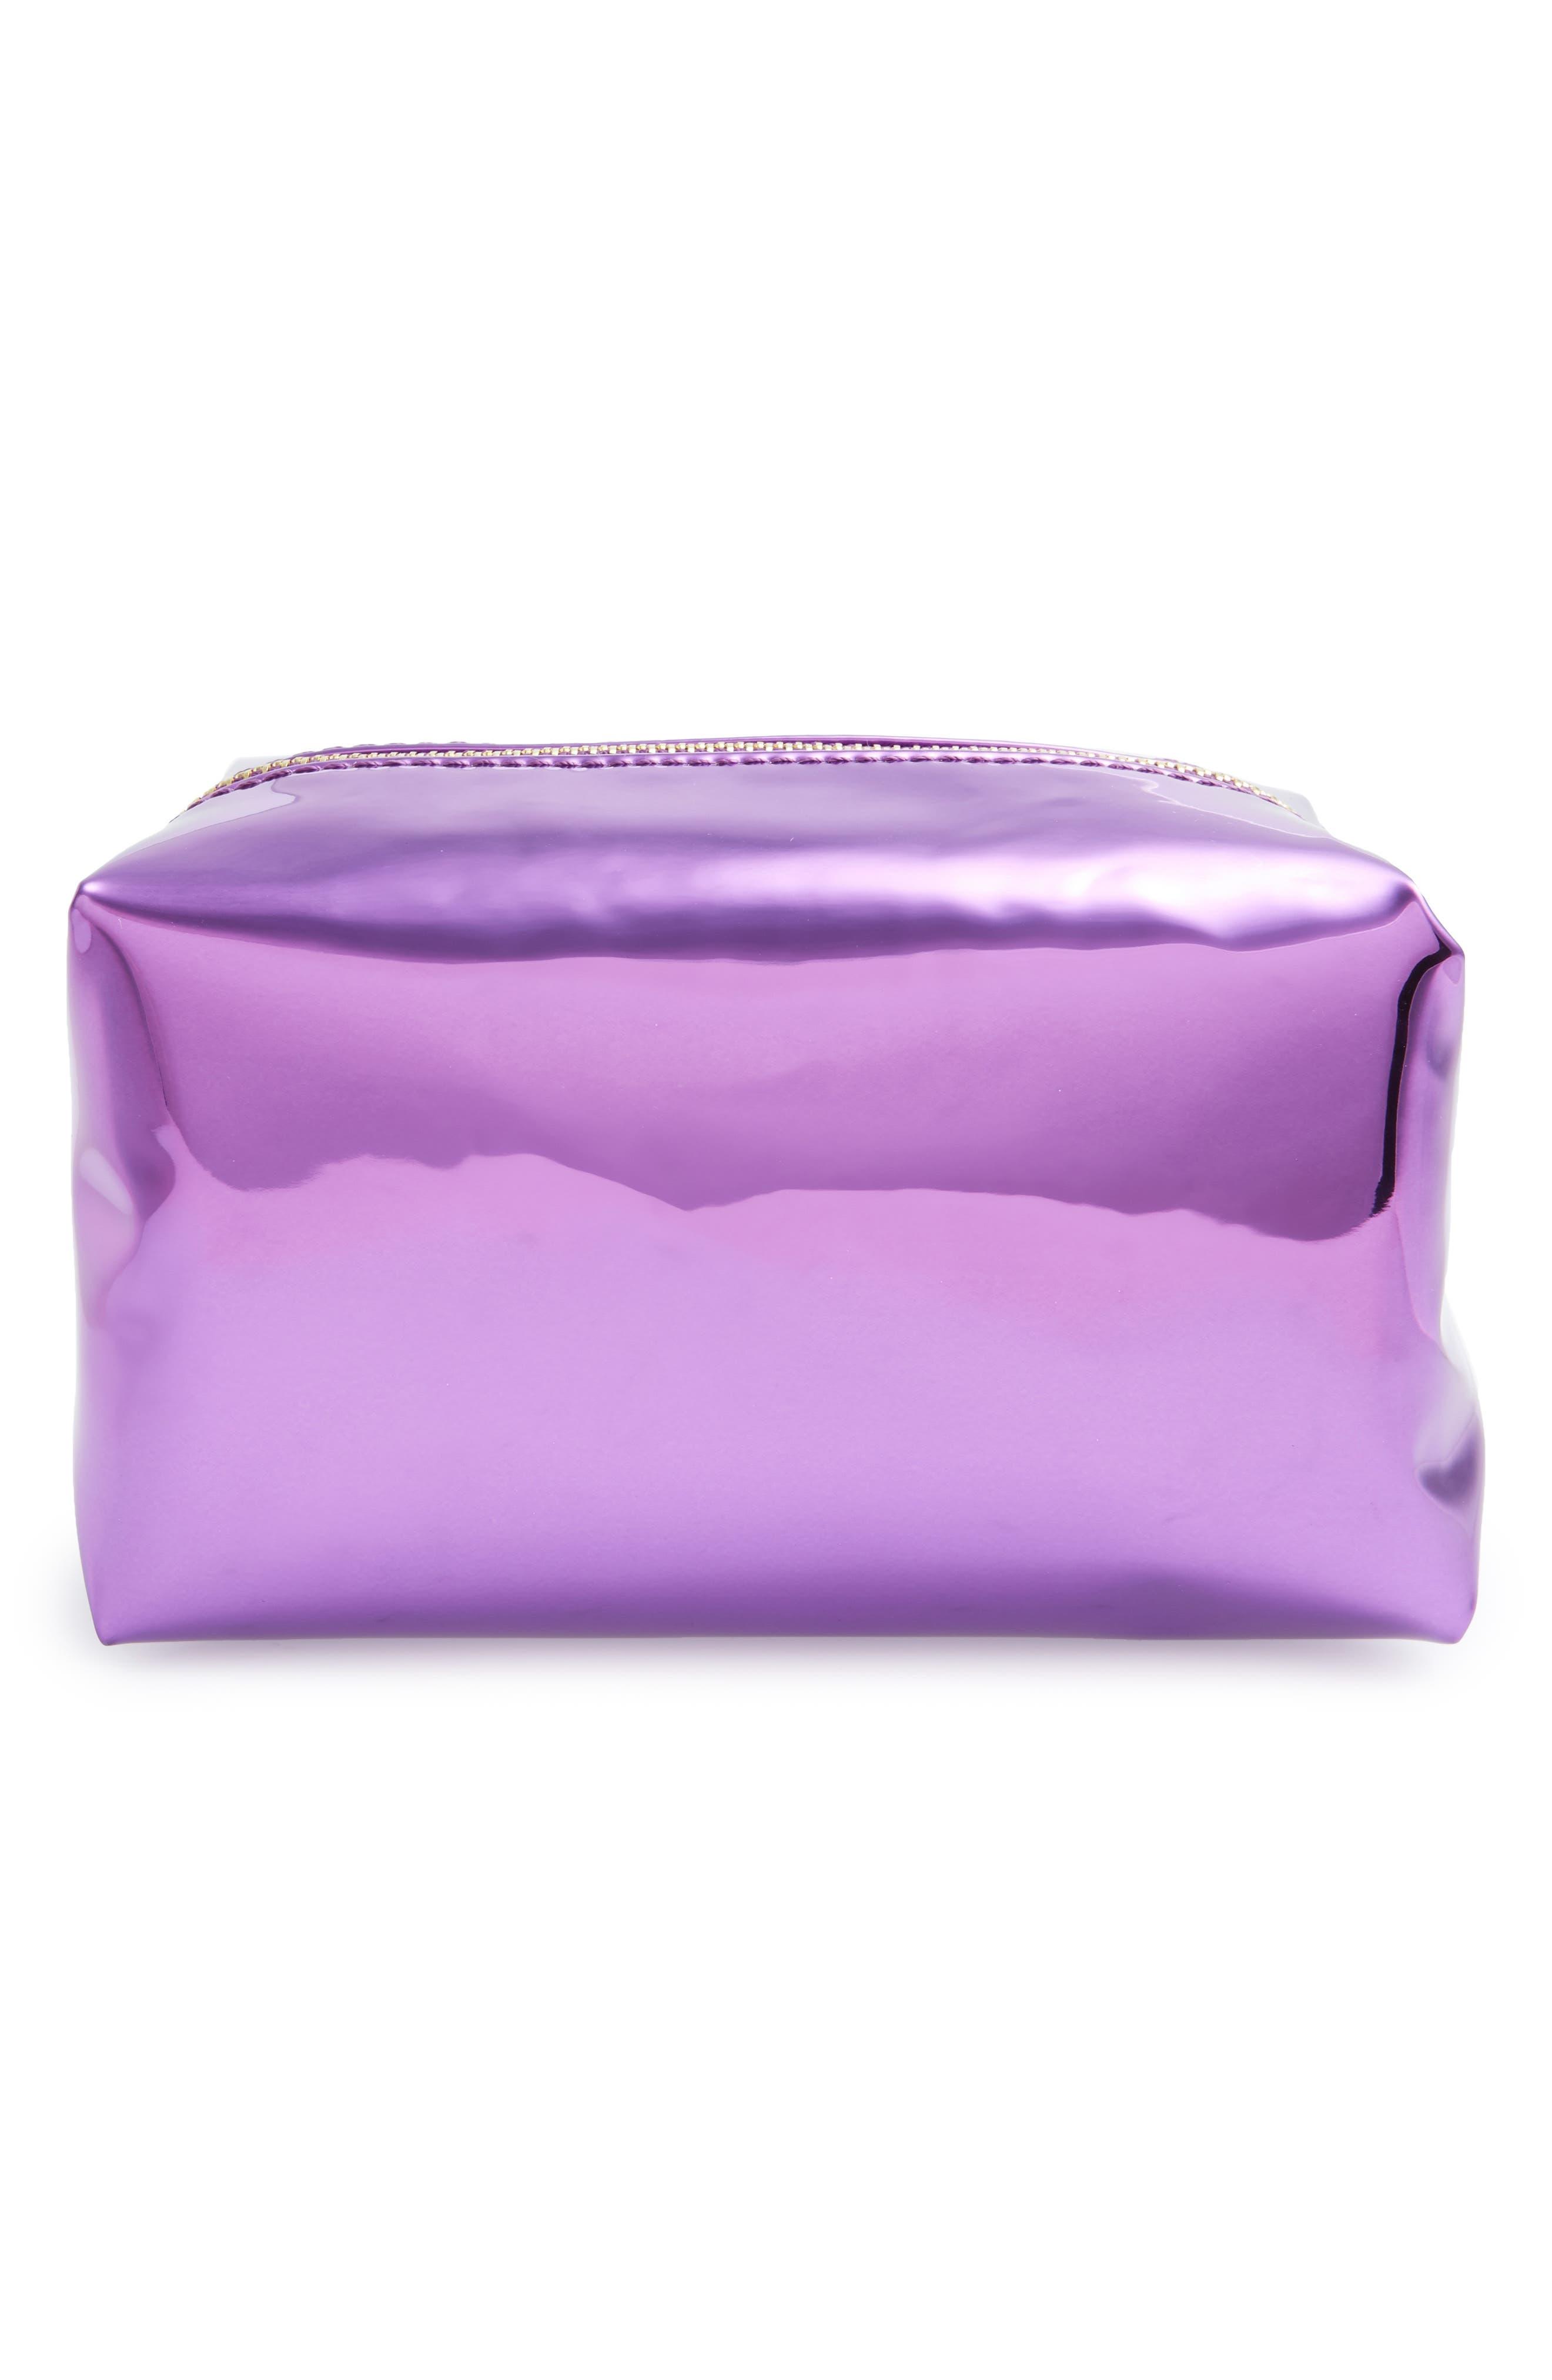 Alternate Image 1 Selected - Yoki Bags Metallic Cosmetics Bag